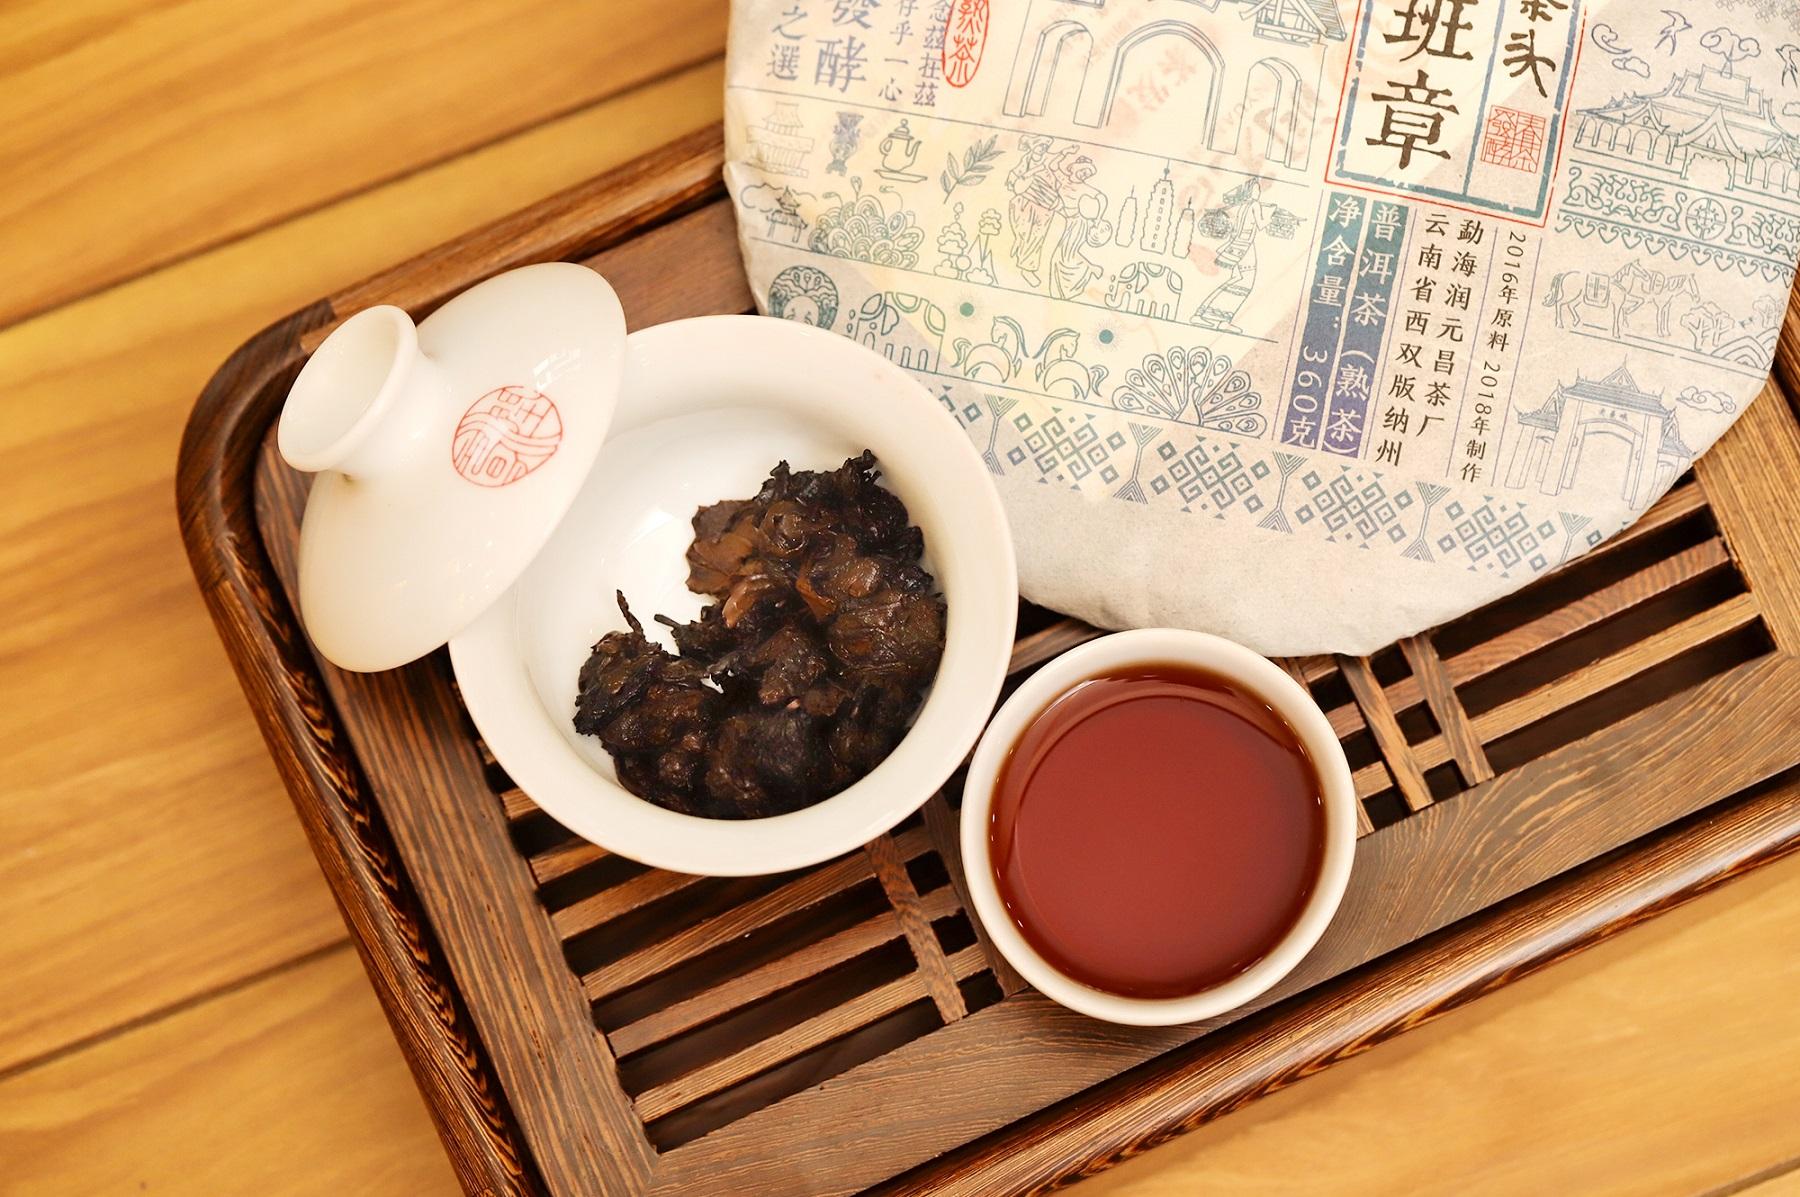 茶店必备普洱茶-老茶头